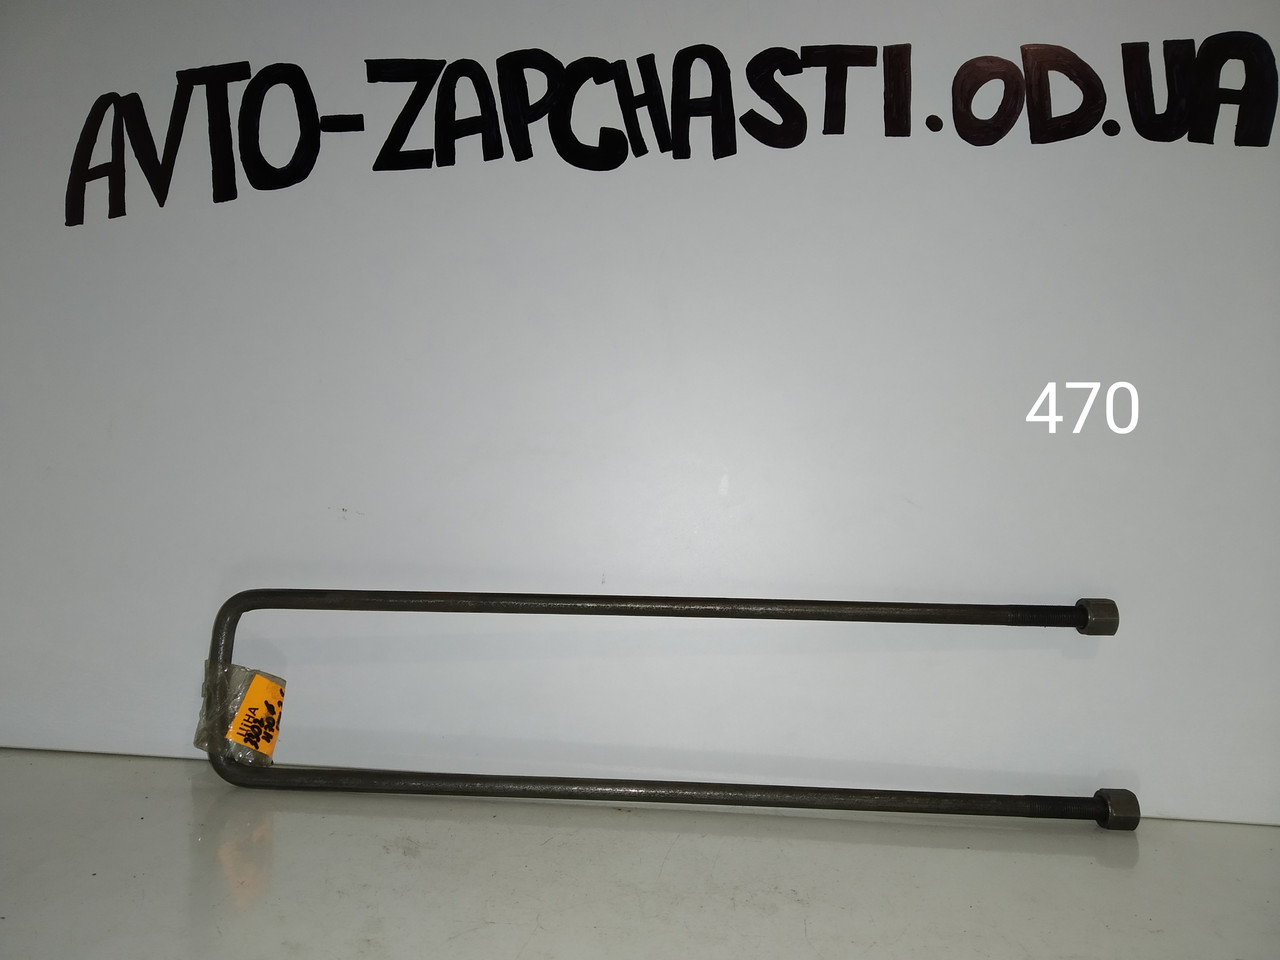 Стремянка кузова Газель-3302 470мм